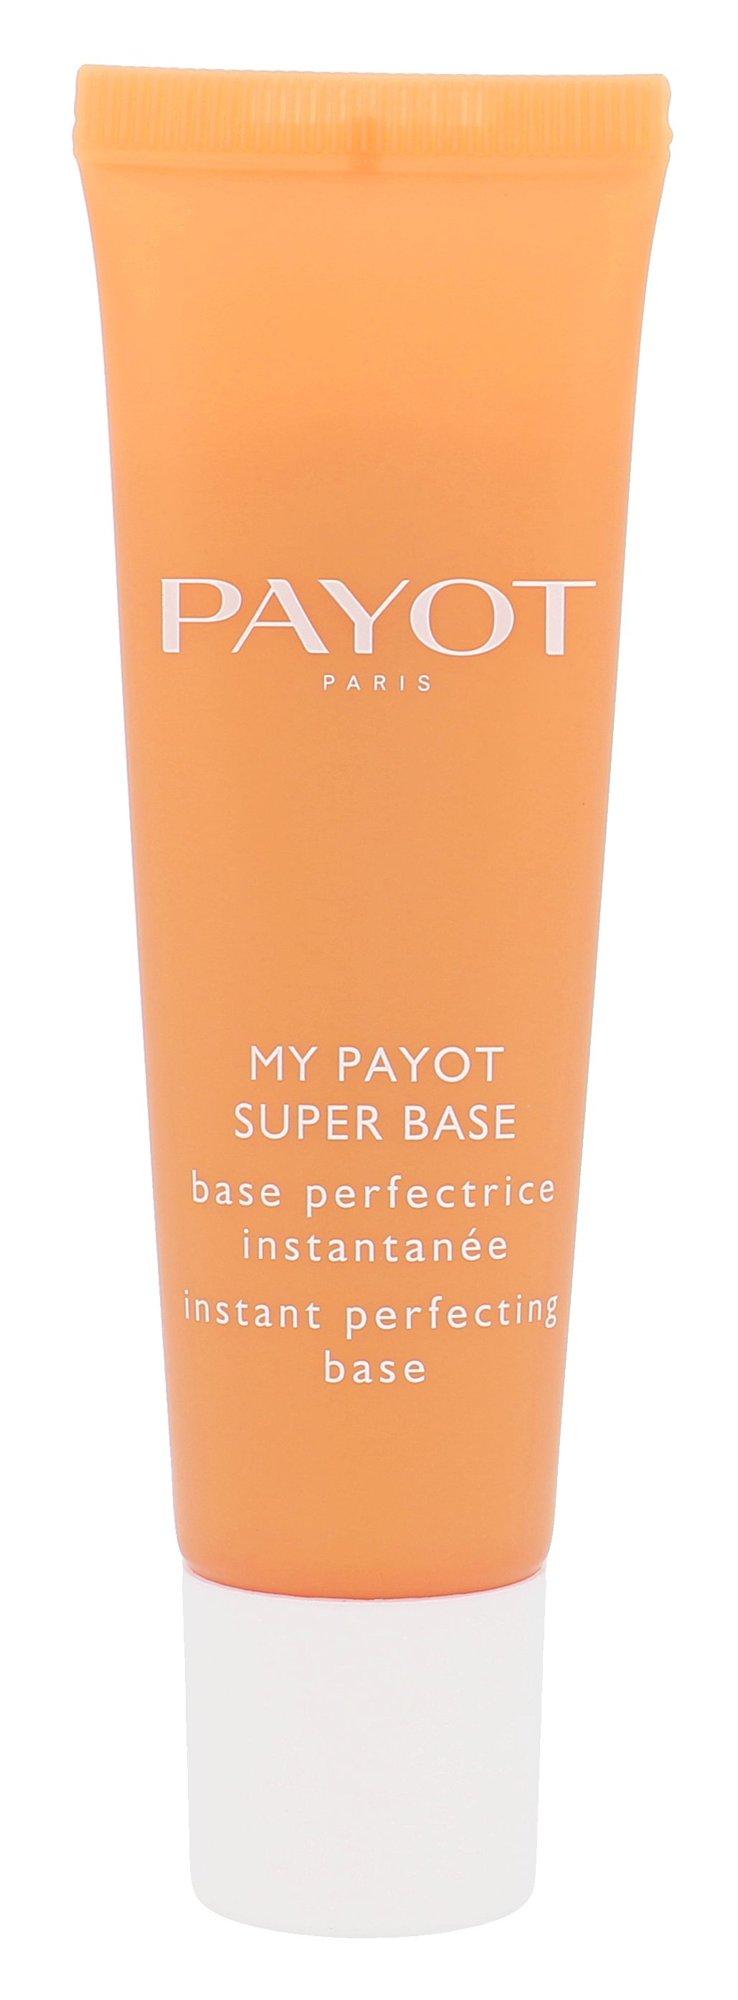 PAYOT My Payot Makeup Primer 30ml